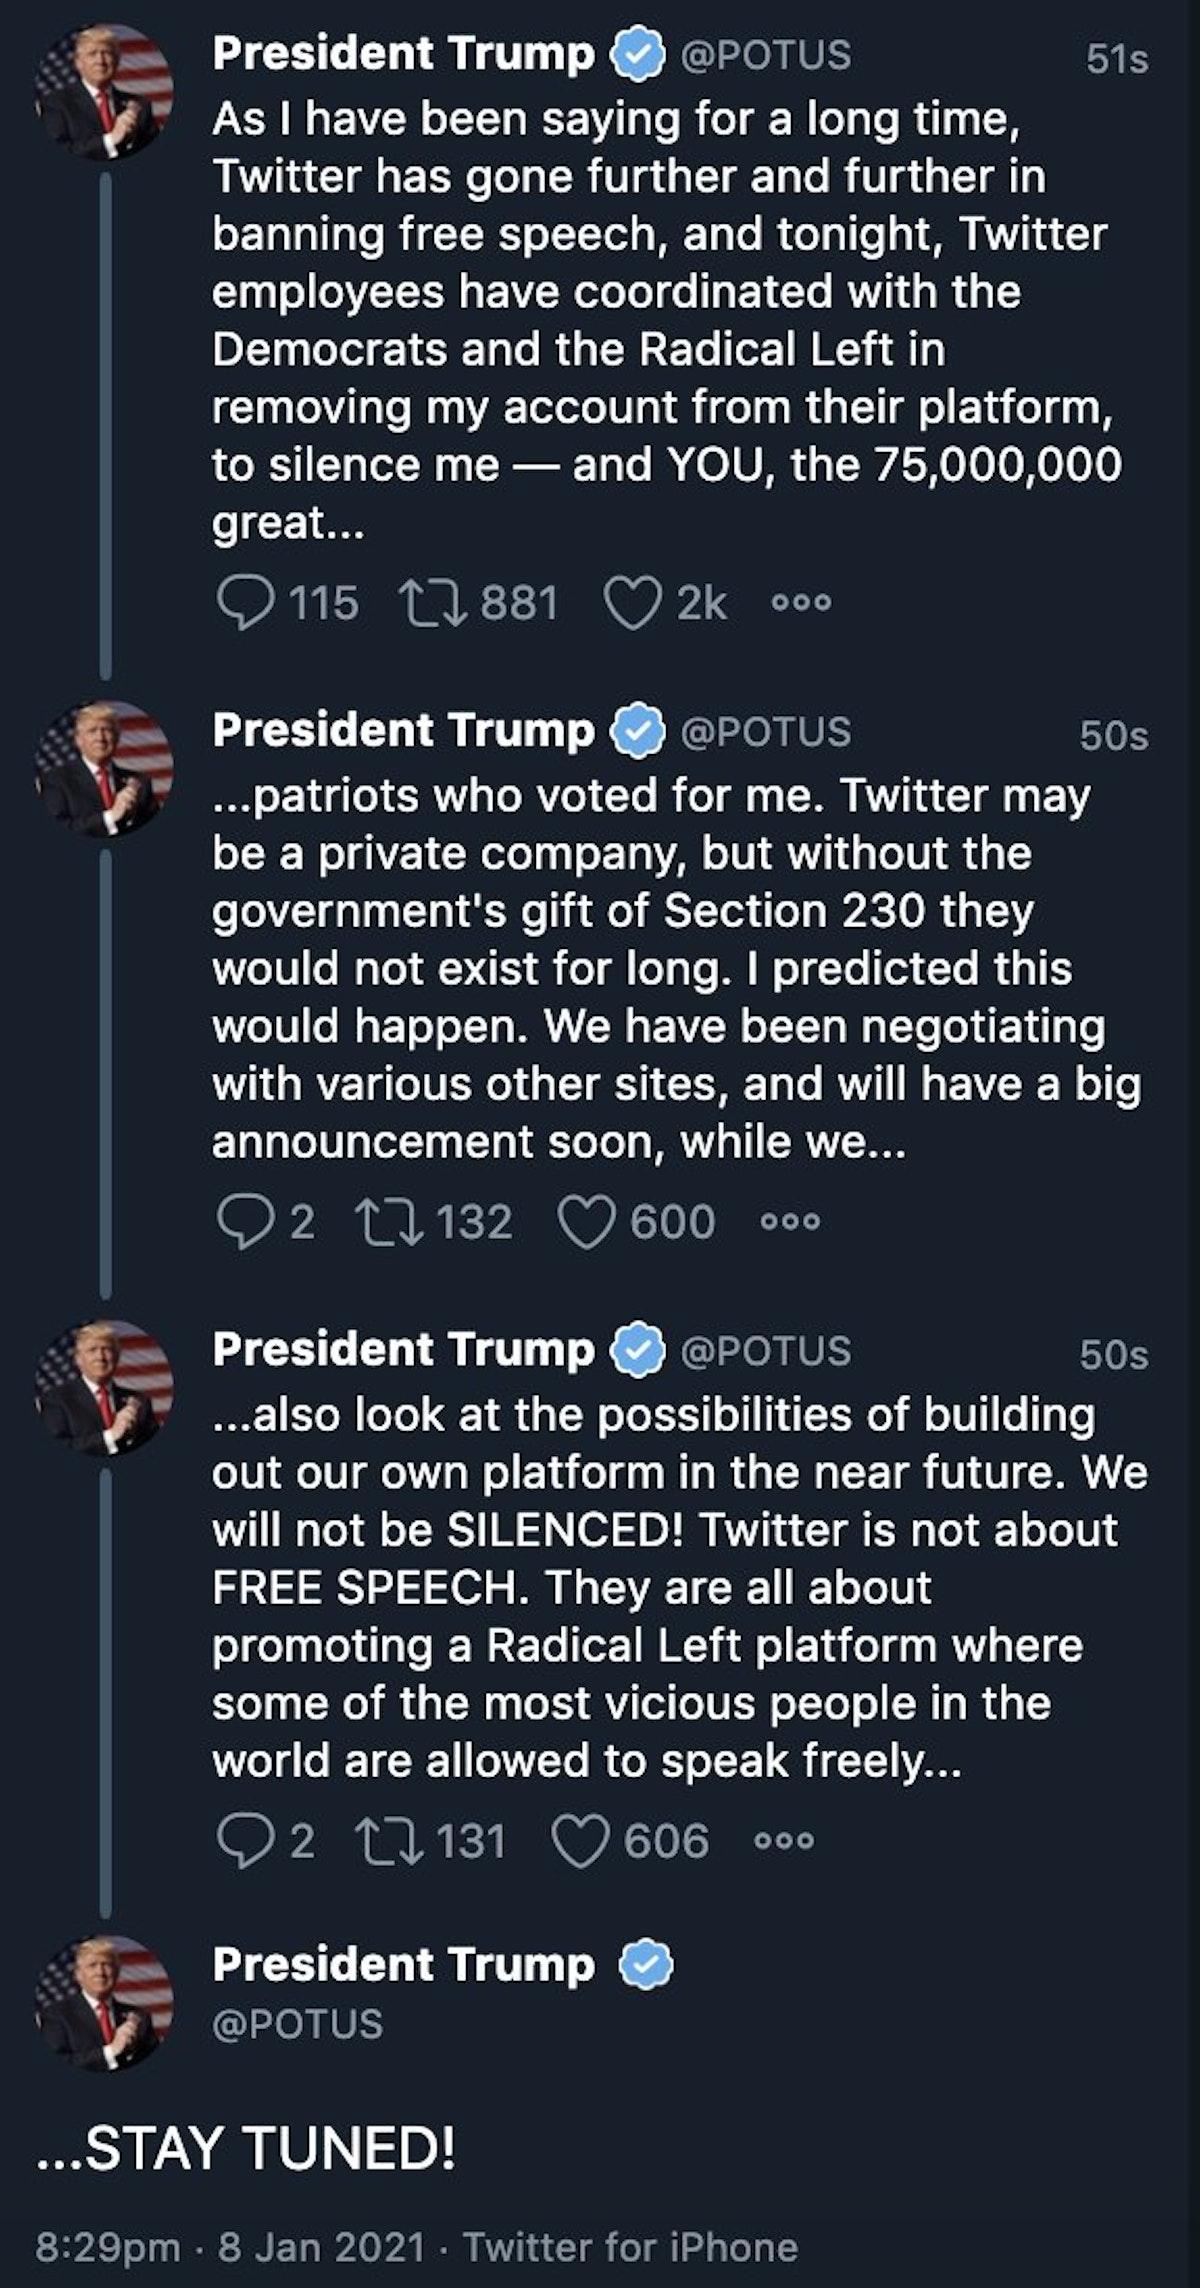 """تغريدات ترمب على الحساب الرسمي للرئيس الأميركي قبل أن يحذفها موقع """"تويتر"""""""